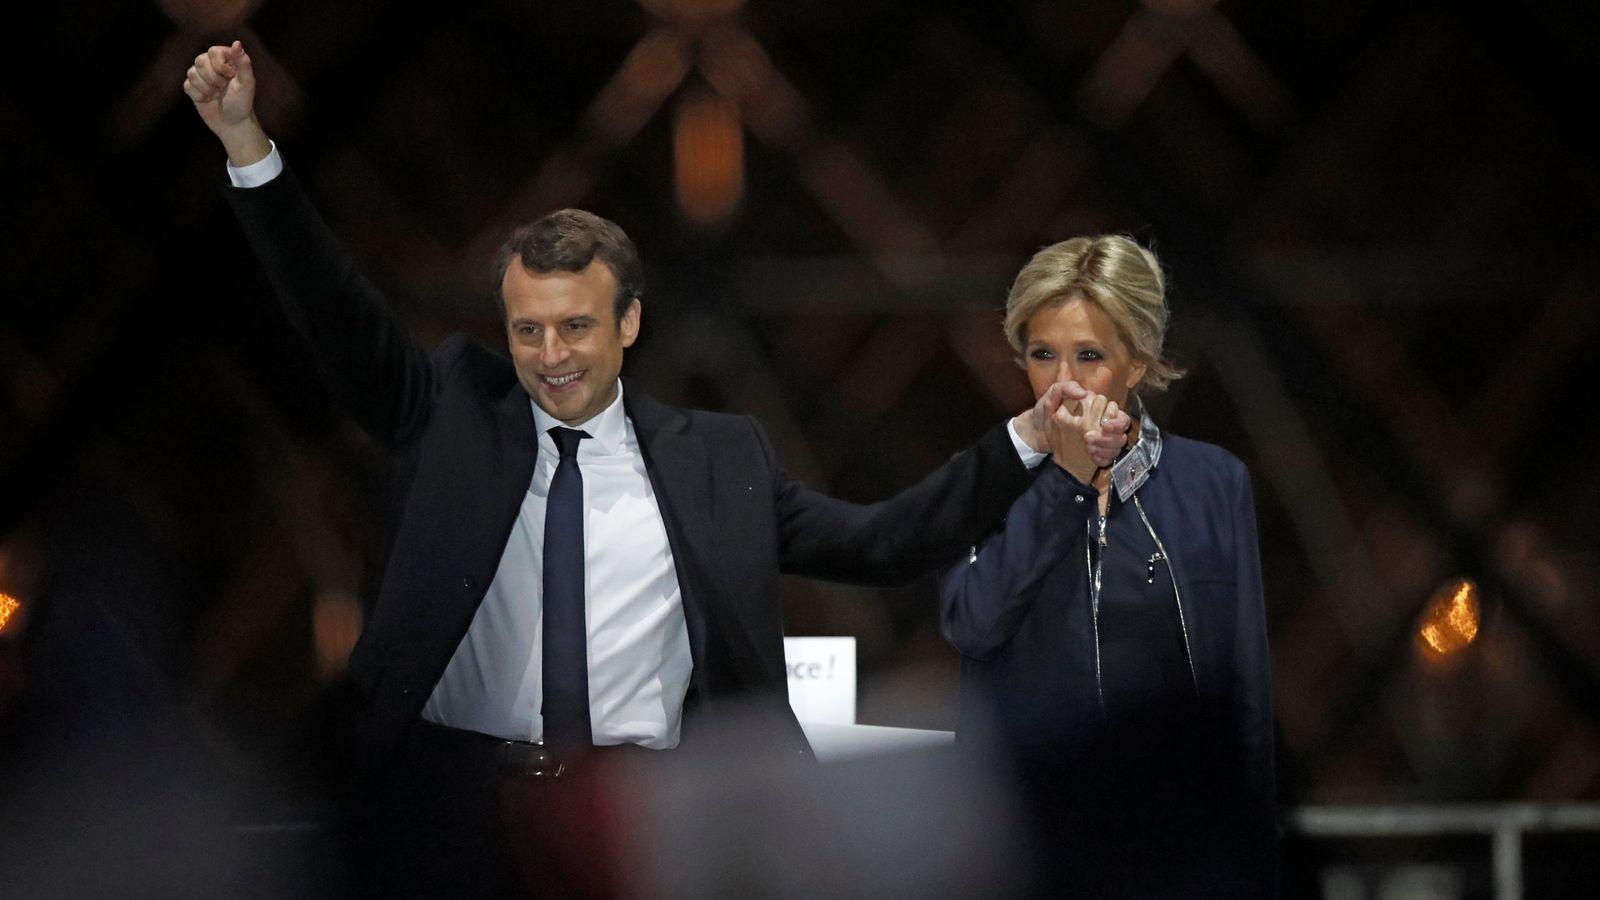 Foto: El presidente electo de Francia, Emmanuel Macron, y su mujer, Brigitte Trogneux, celebran el resultado electoral en París. (Reuters)